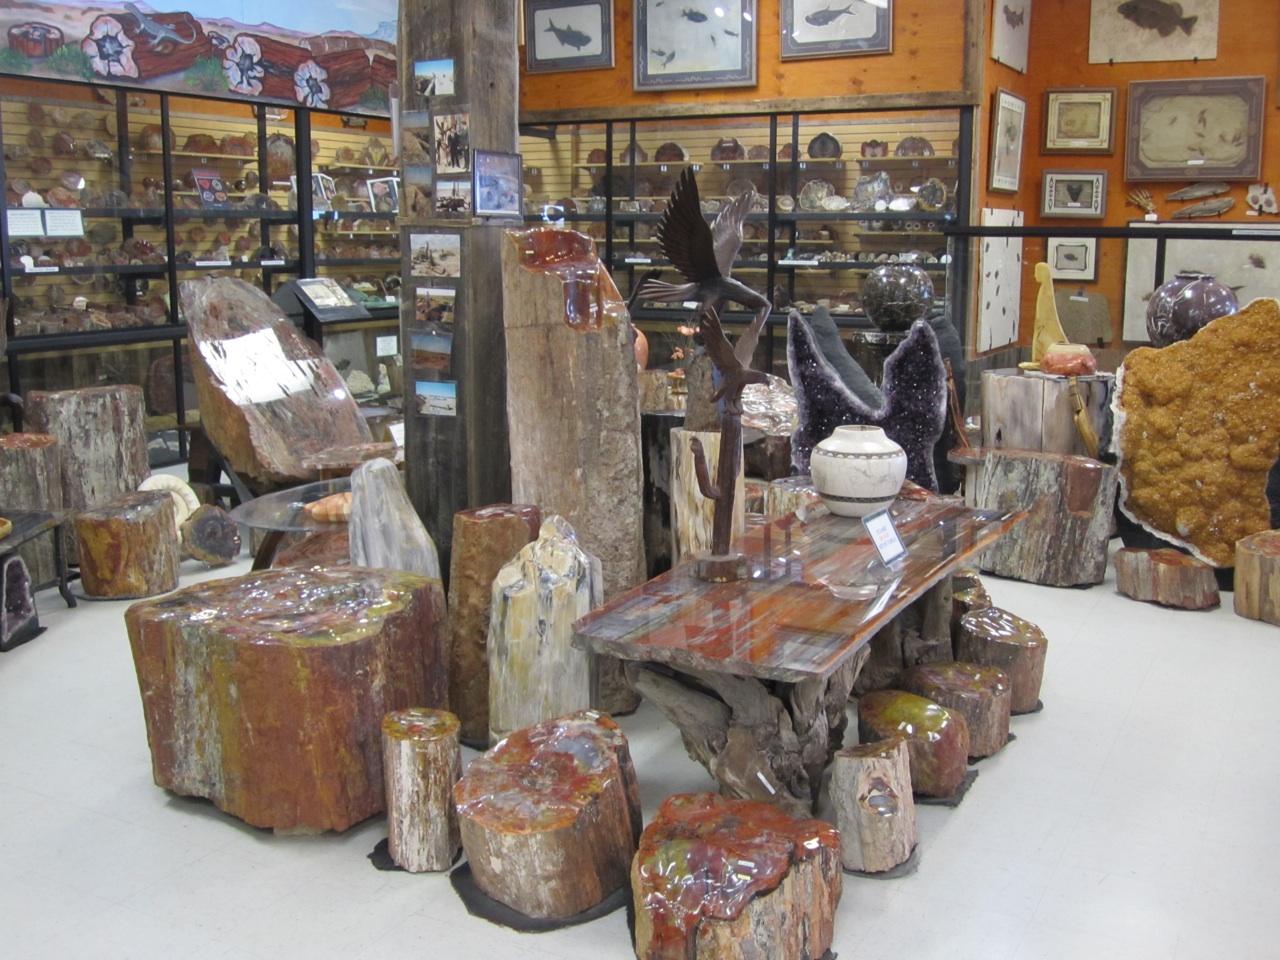 Inside Jim Gray's Petrified Wood Co. Shop